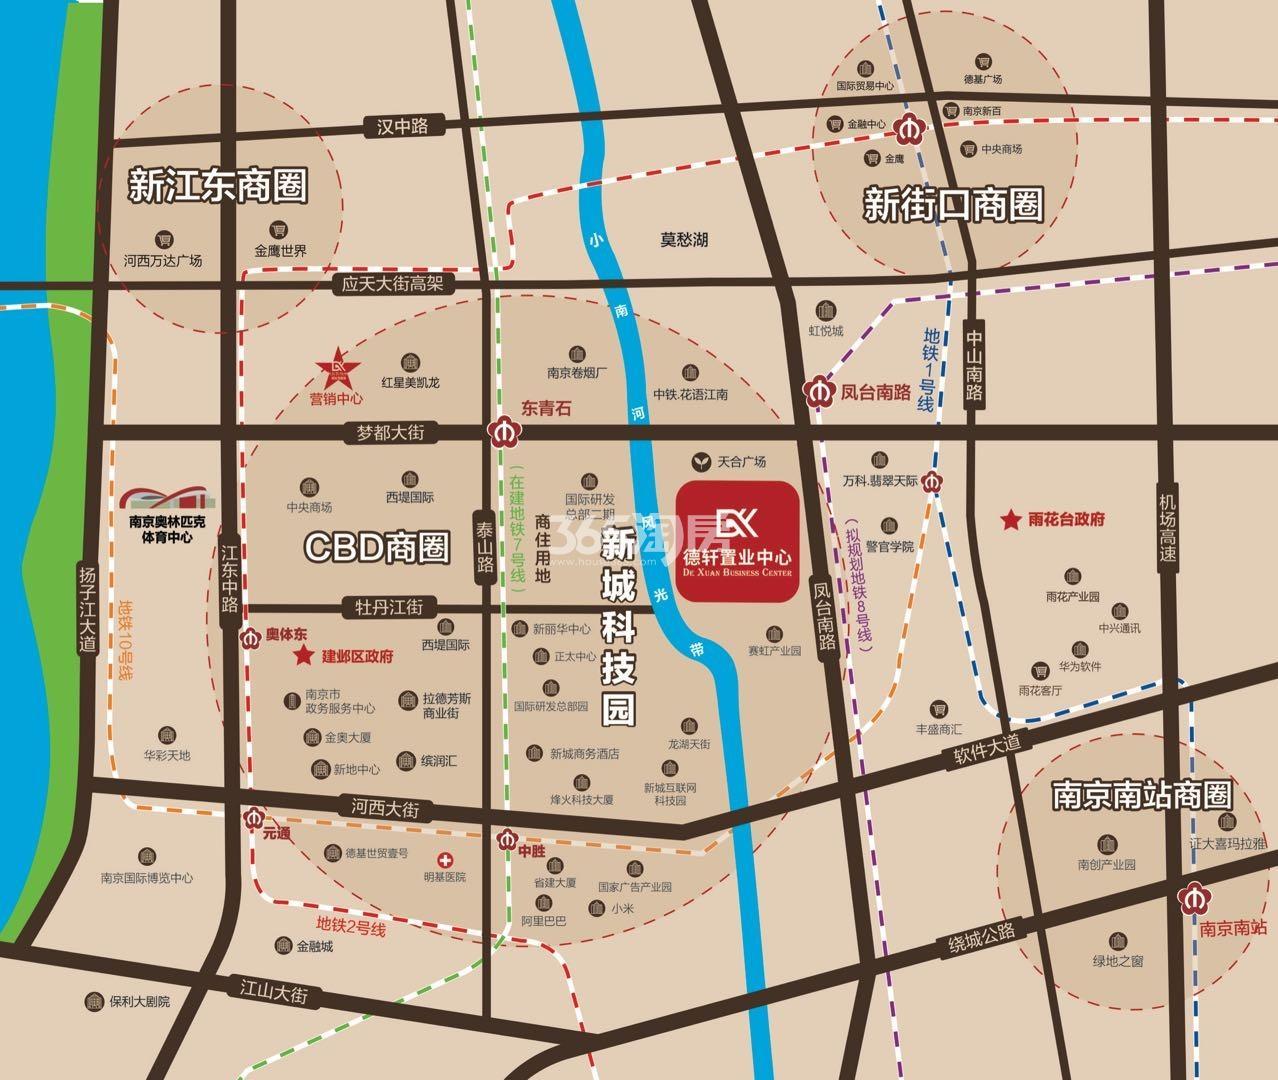 德轩置业中心交通图